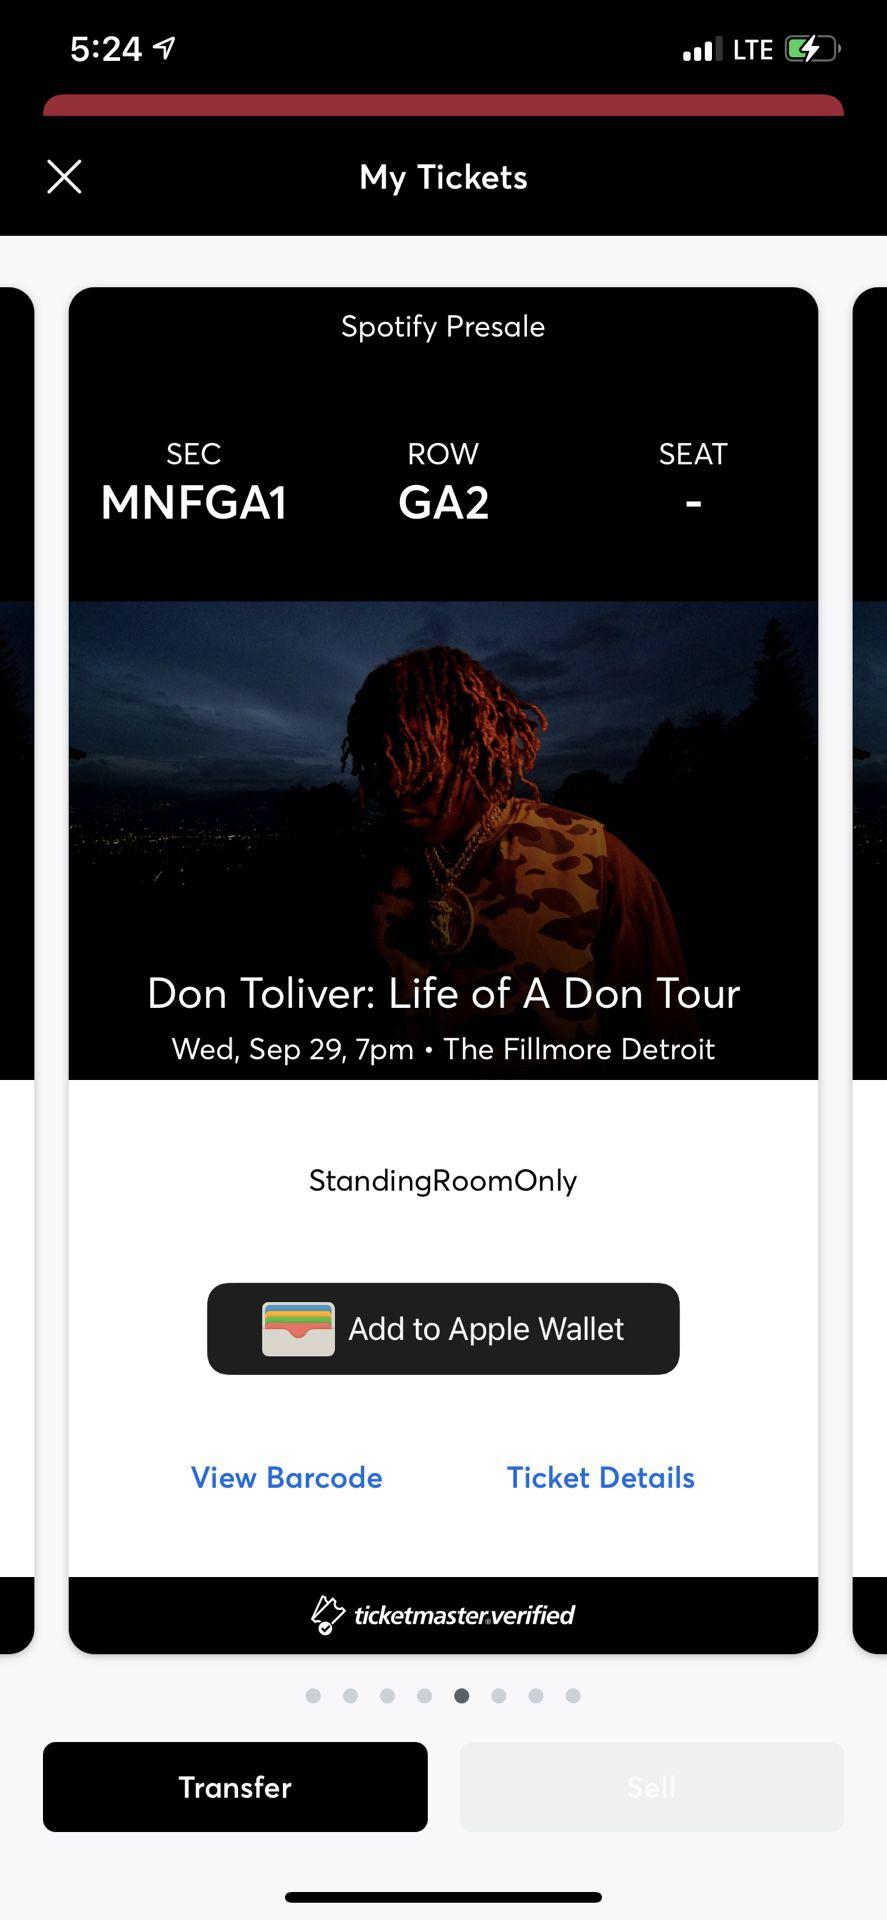 Don Toliver Concert Ticket In Detroit